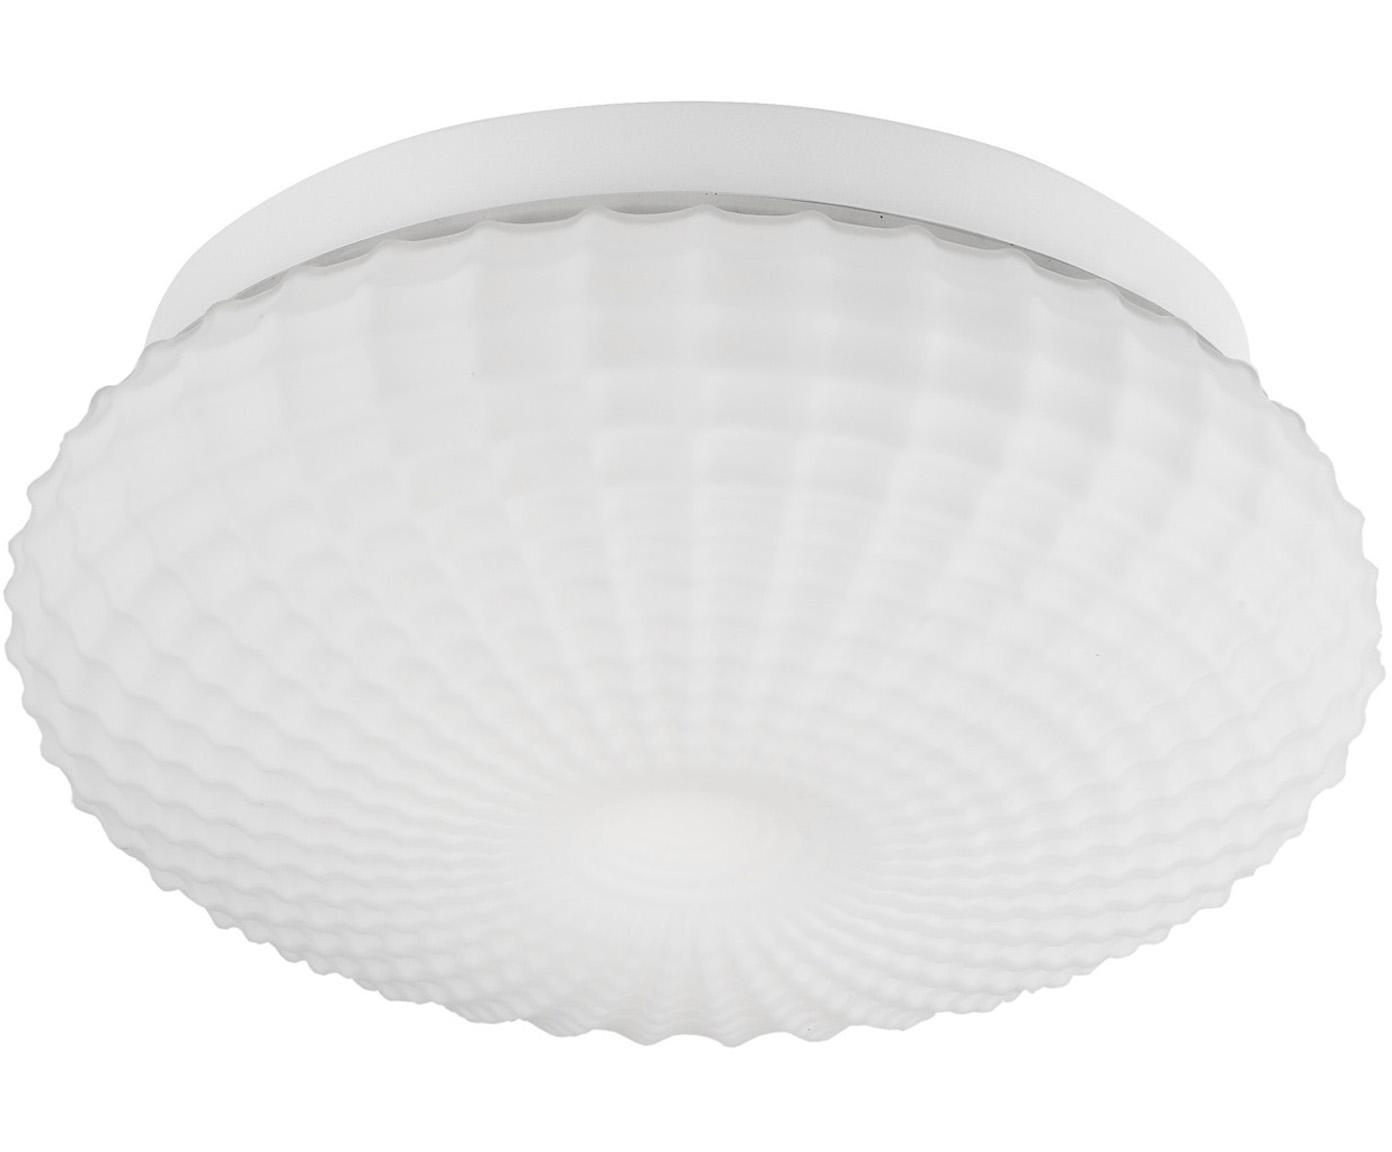 Lampa sufitowa z funkcją przyciemniania Clam, Biały, Ø 30 x W 12 cm